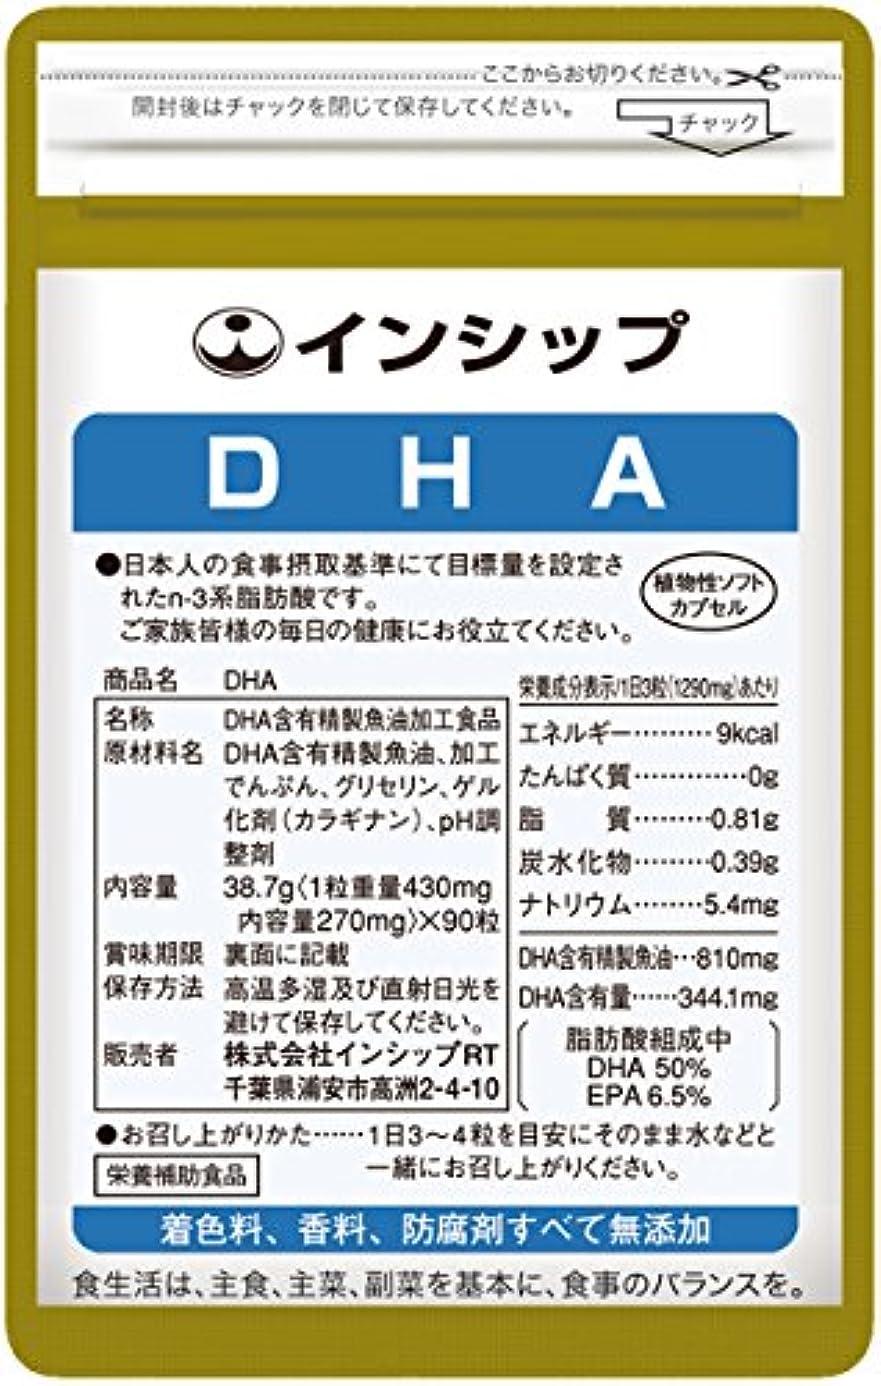 旅行代理店限定忘れられないインシップ DHA(ドコサヘキサエン酸) 430mg×90粒 30日分